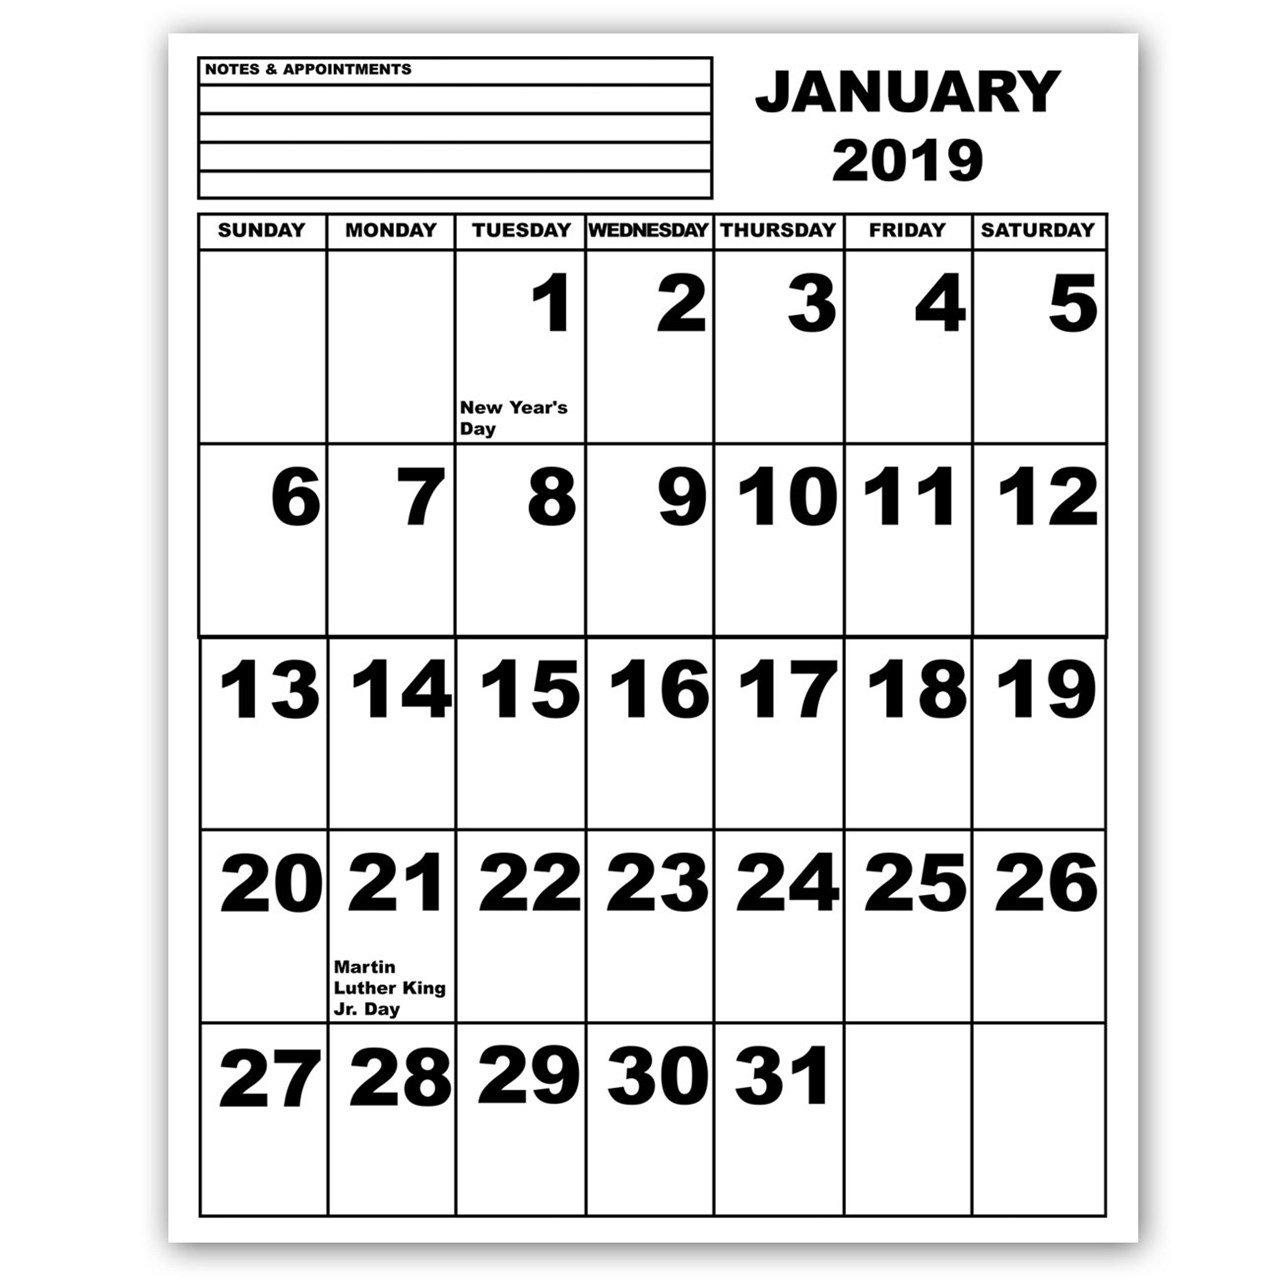 Maxiaids | Jumbo Print Calendar - 2019 Calendar 2019 To Print